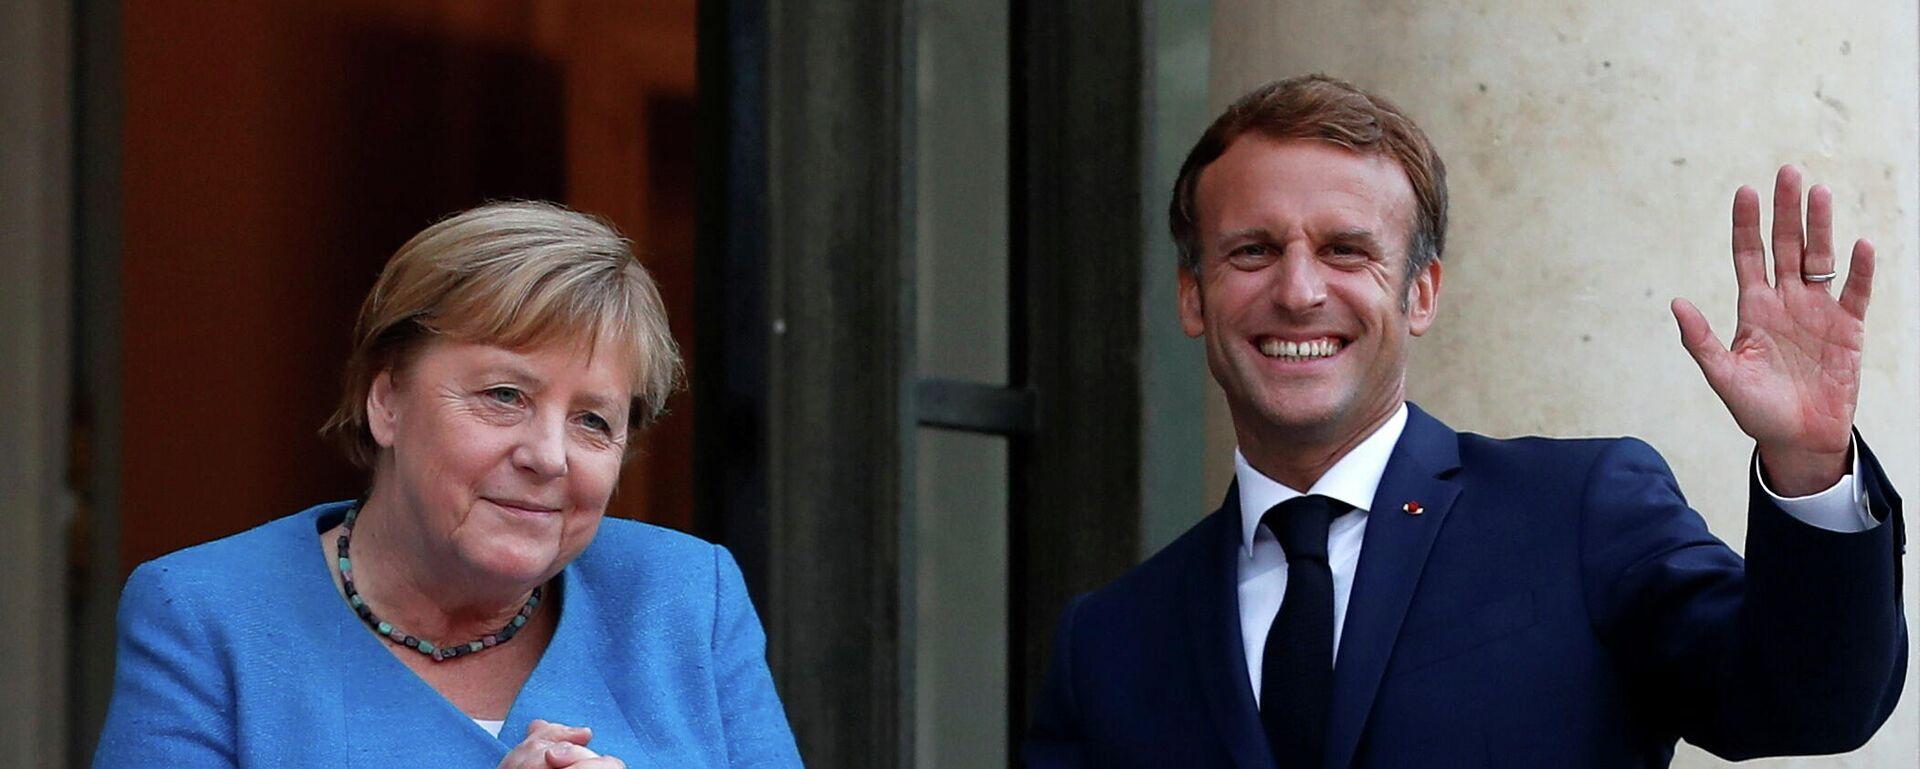 Merkel trifft sich mit Macron in Paris - SNA, 1920, 16.09.2021